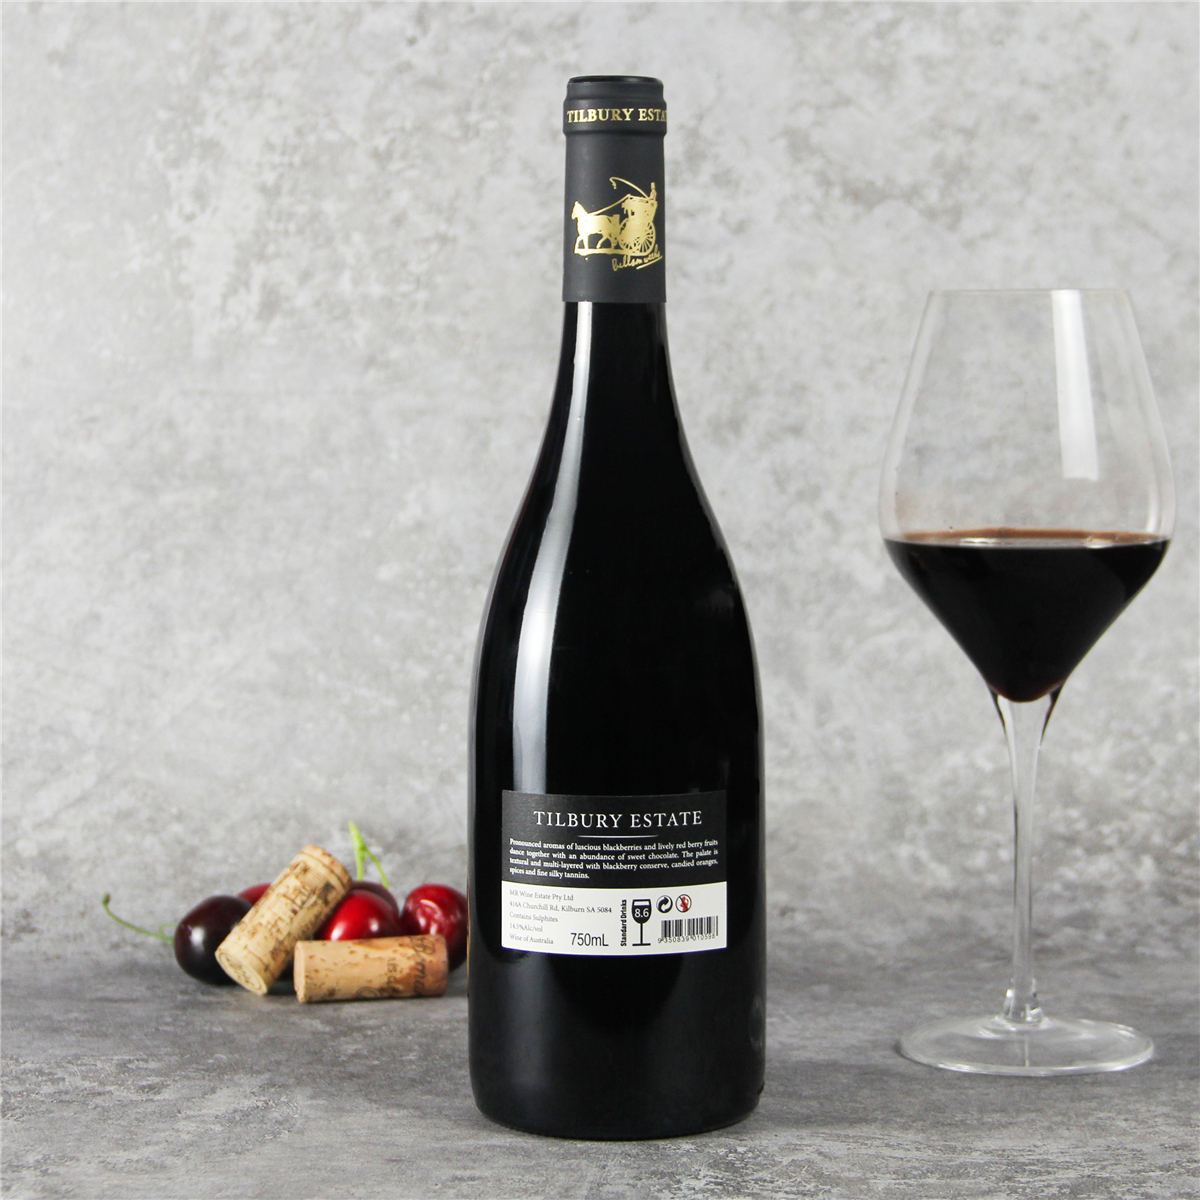 澳大利亚石灰岩海岸图柏利马车珍藏西拉红葡萄酒红酒